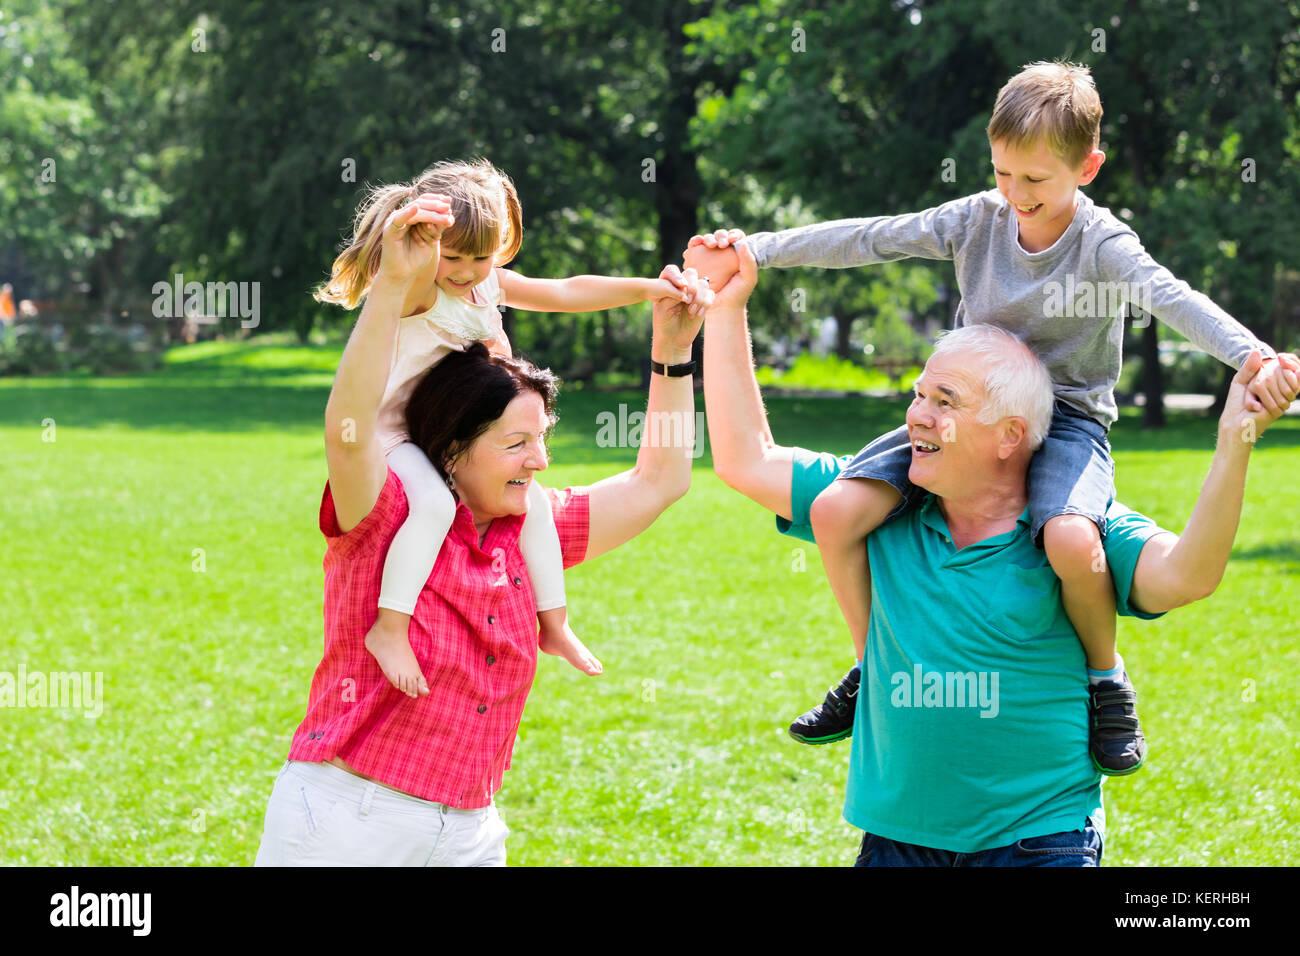 Gerne ältere Großeltern genießen Spaß piggyback Ride mit Kindern zusammen in Park Stockbild